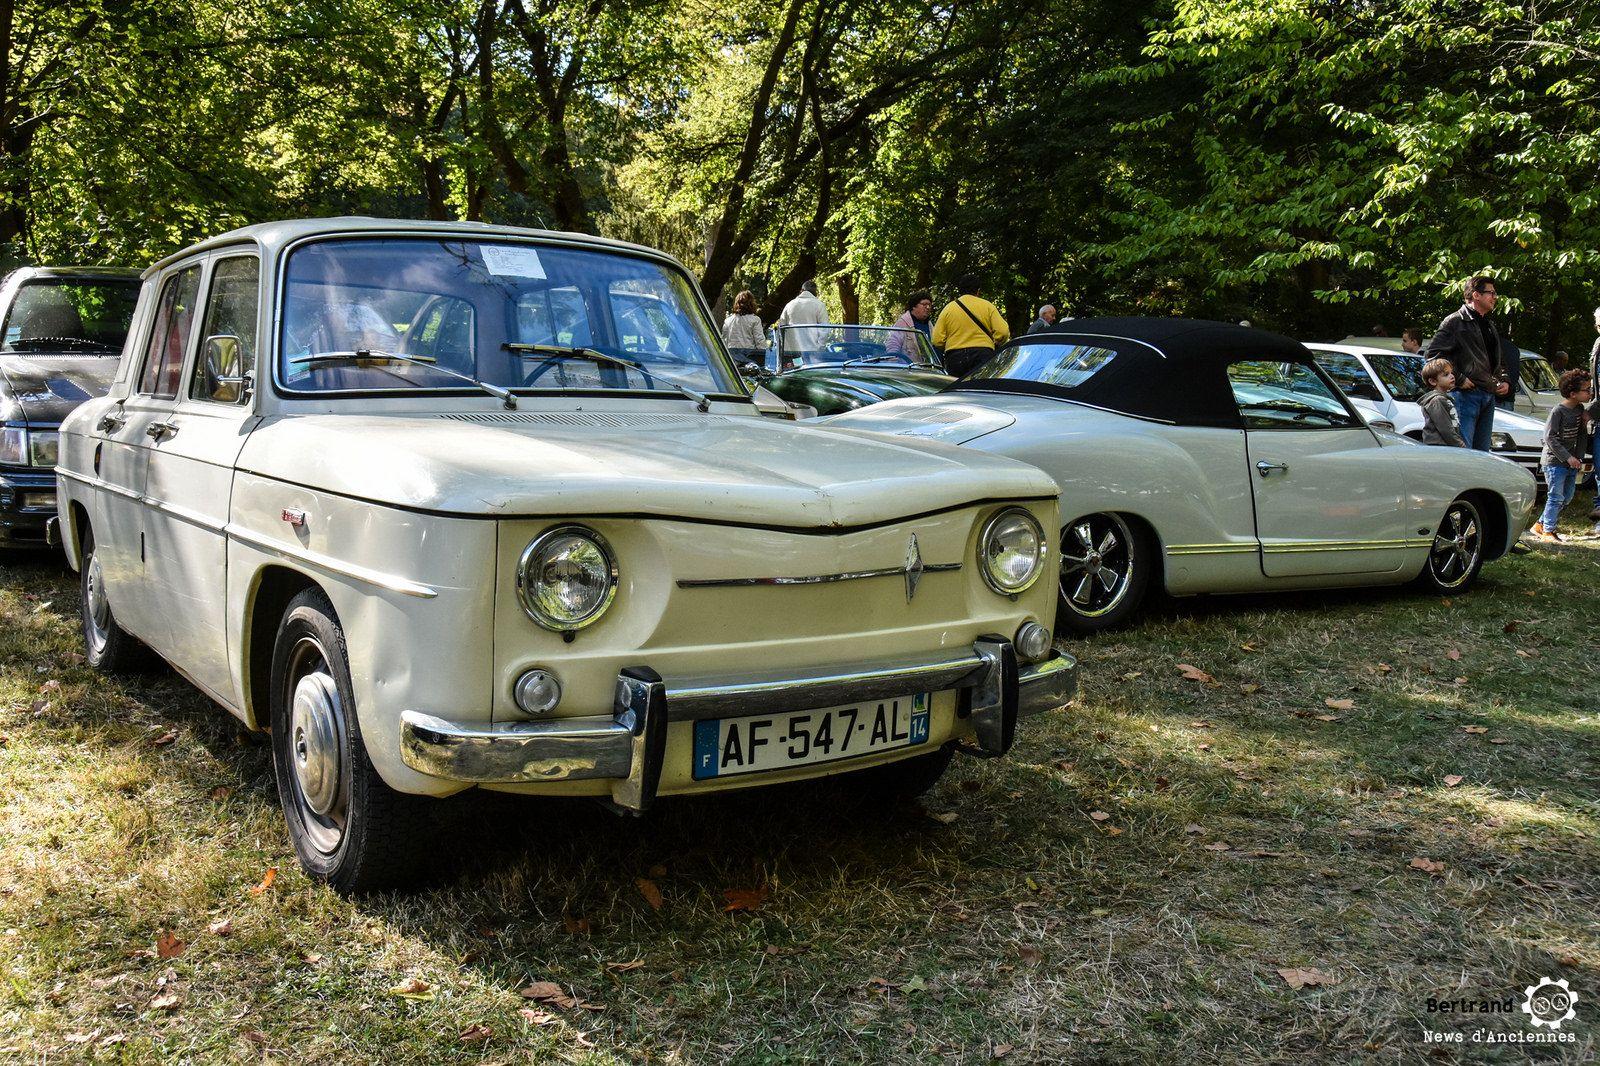 Renault 8 au rasso de l'AMA #MoteuràSouvenirs Reportage complet : http://newsdanciennes.com/2016/10/06/14e-rasso-ama-asnieres-sur-oise-les-belles-anciennes-sous-le-soleil/